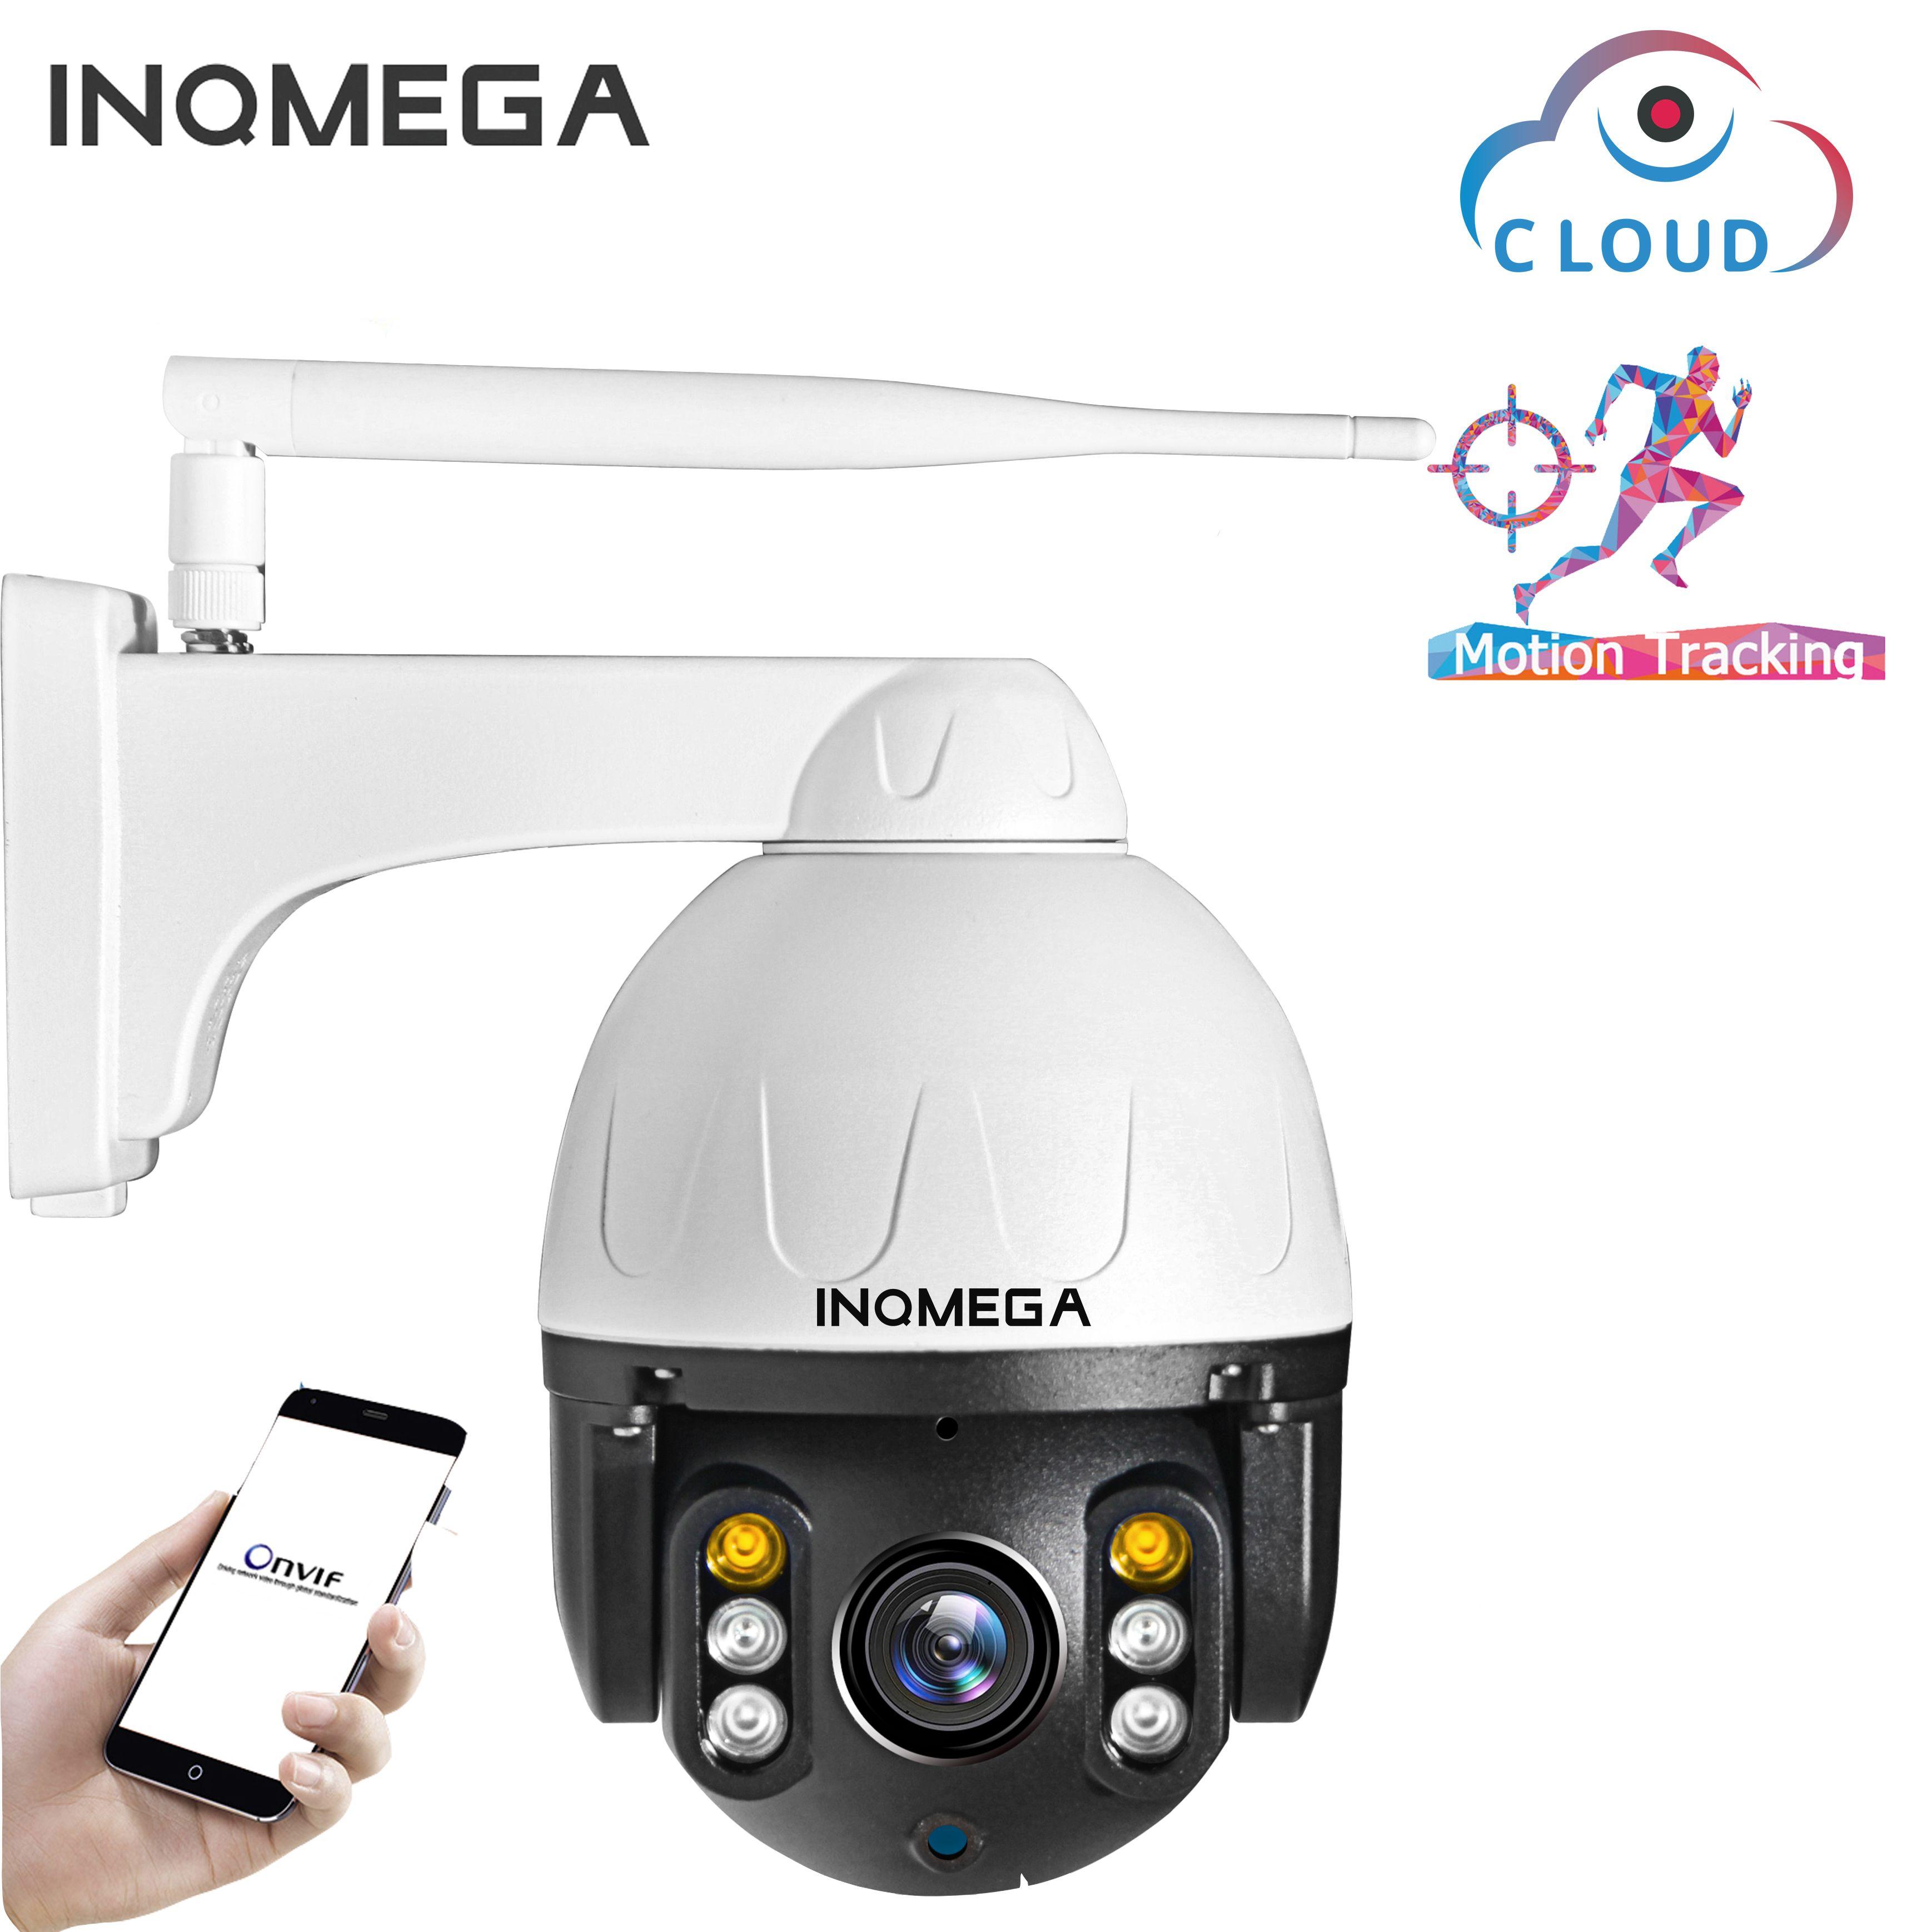 INQMEGA Cloud 1080P caméra IP PTZ extérieure WIFI vitesse dôme caméra de suivi automatique 4X Zoom numérique 2MP Onvif IR caméra de sécurité CCTV